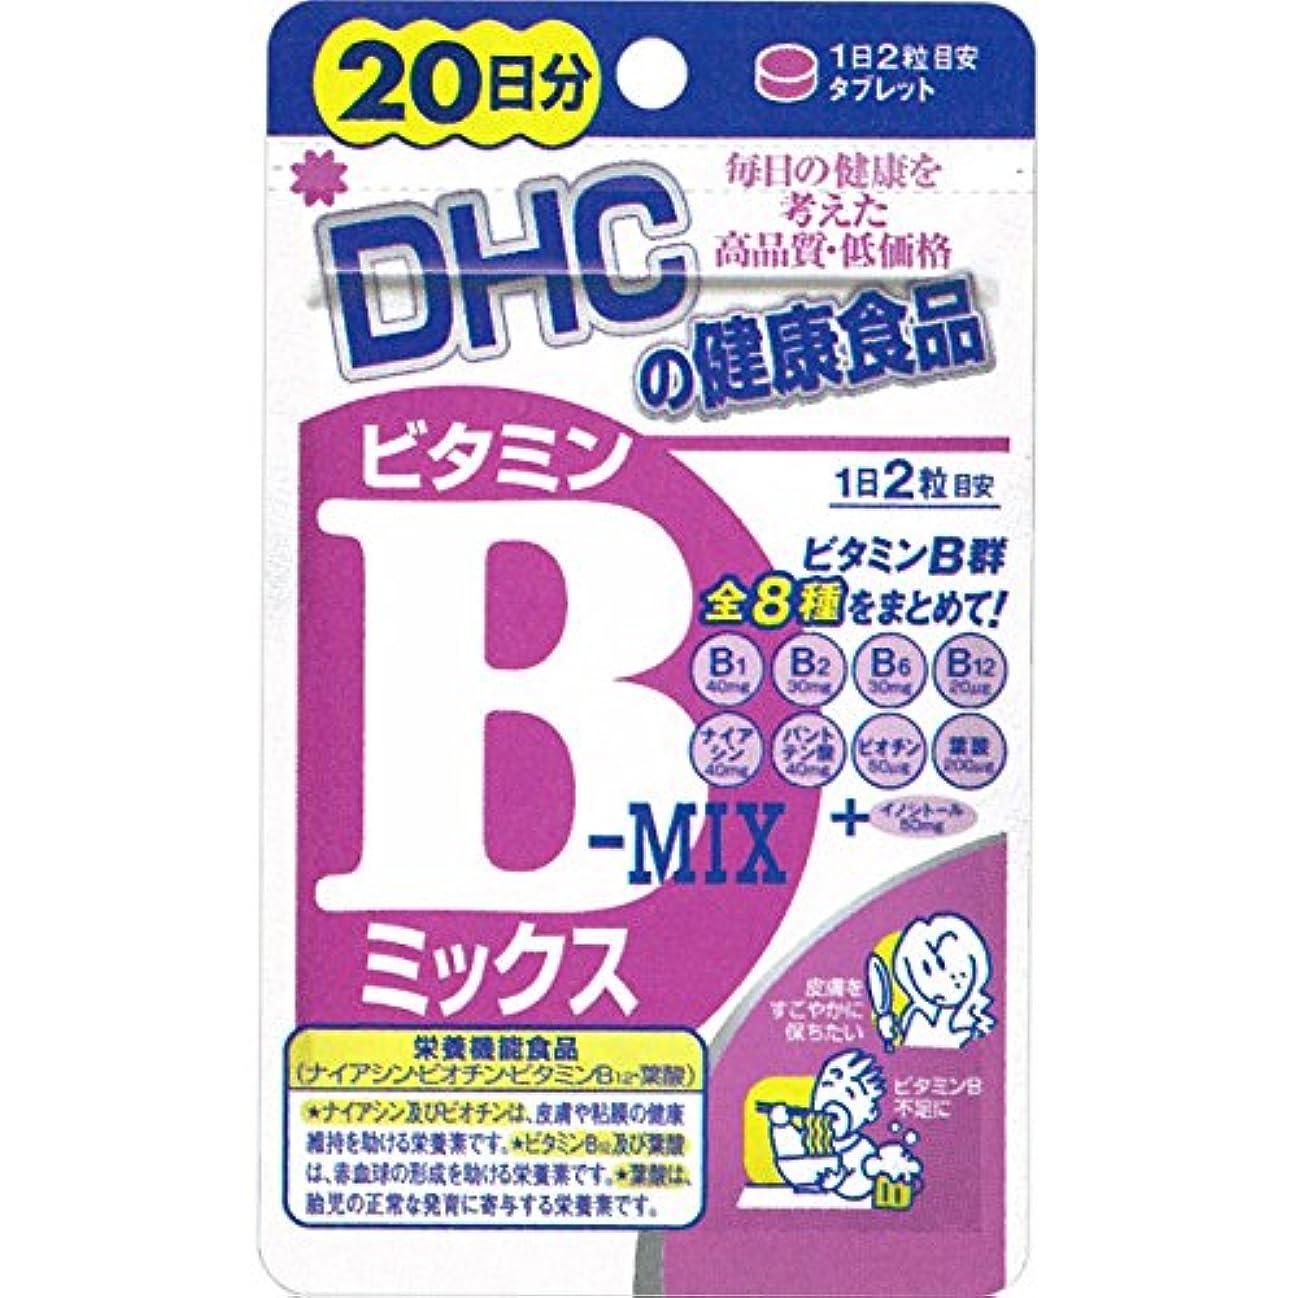 完璧傭兵メロディーDHC(ディーエイチシー) サプリメント DHC ビタミンB MIX 20日分